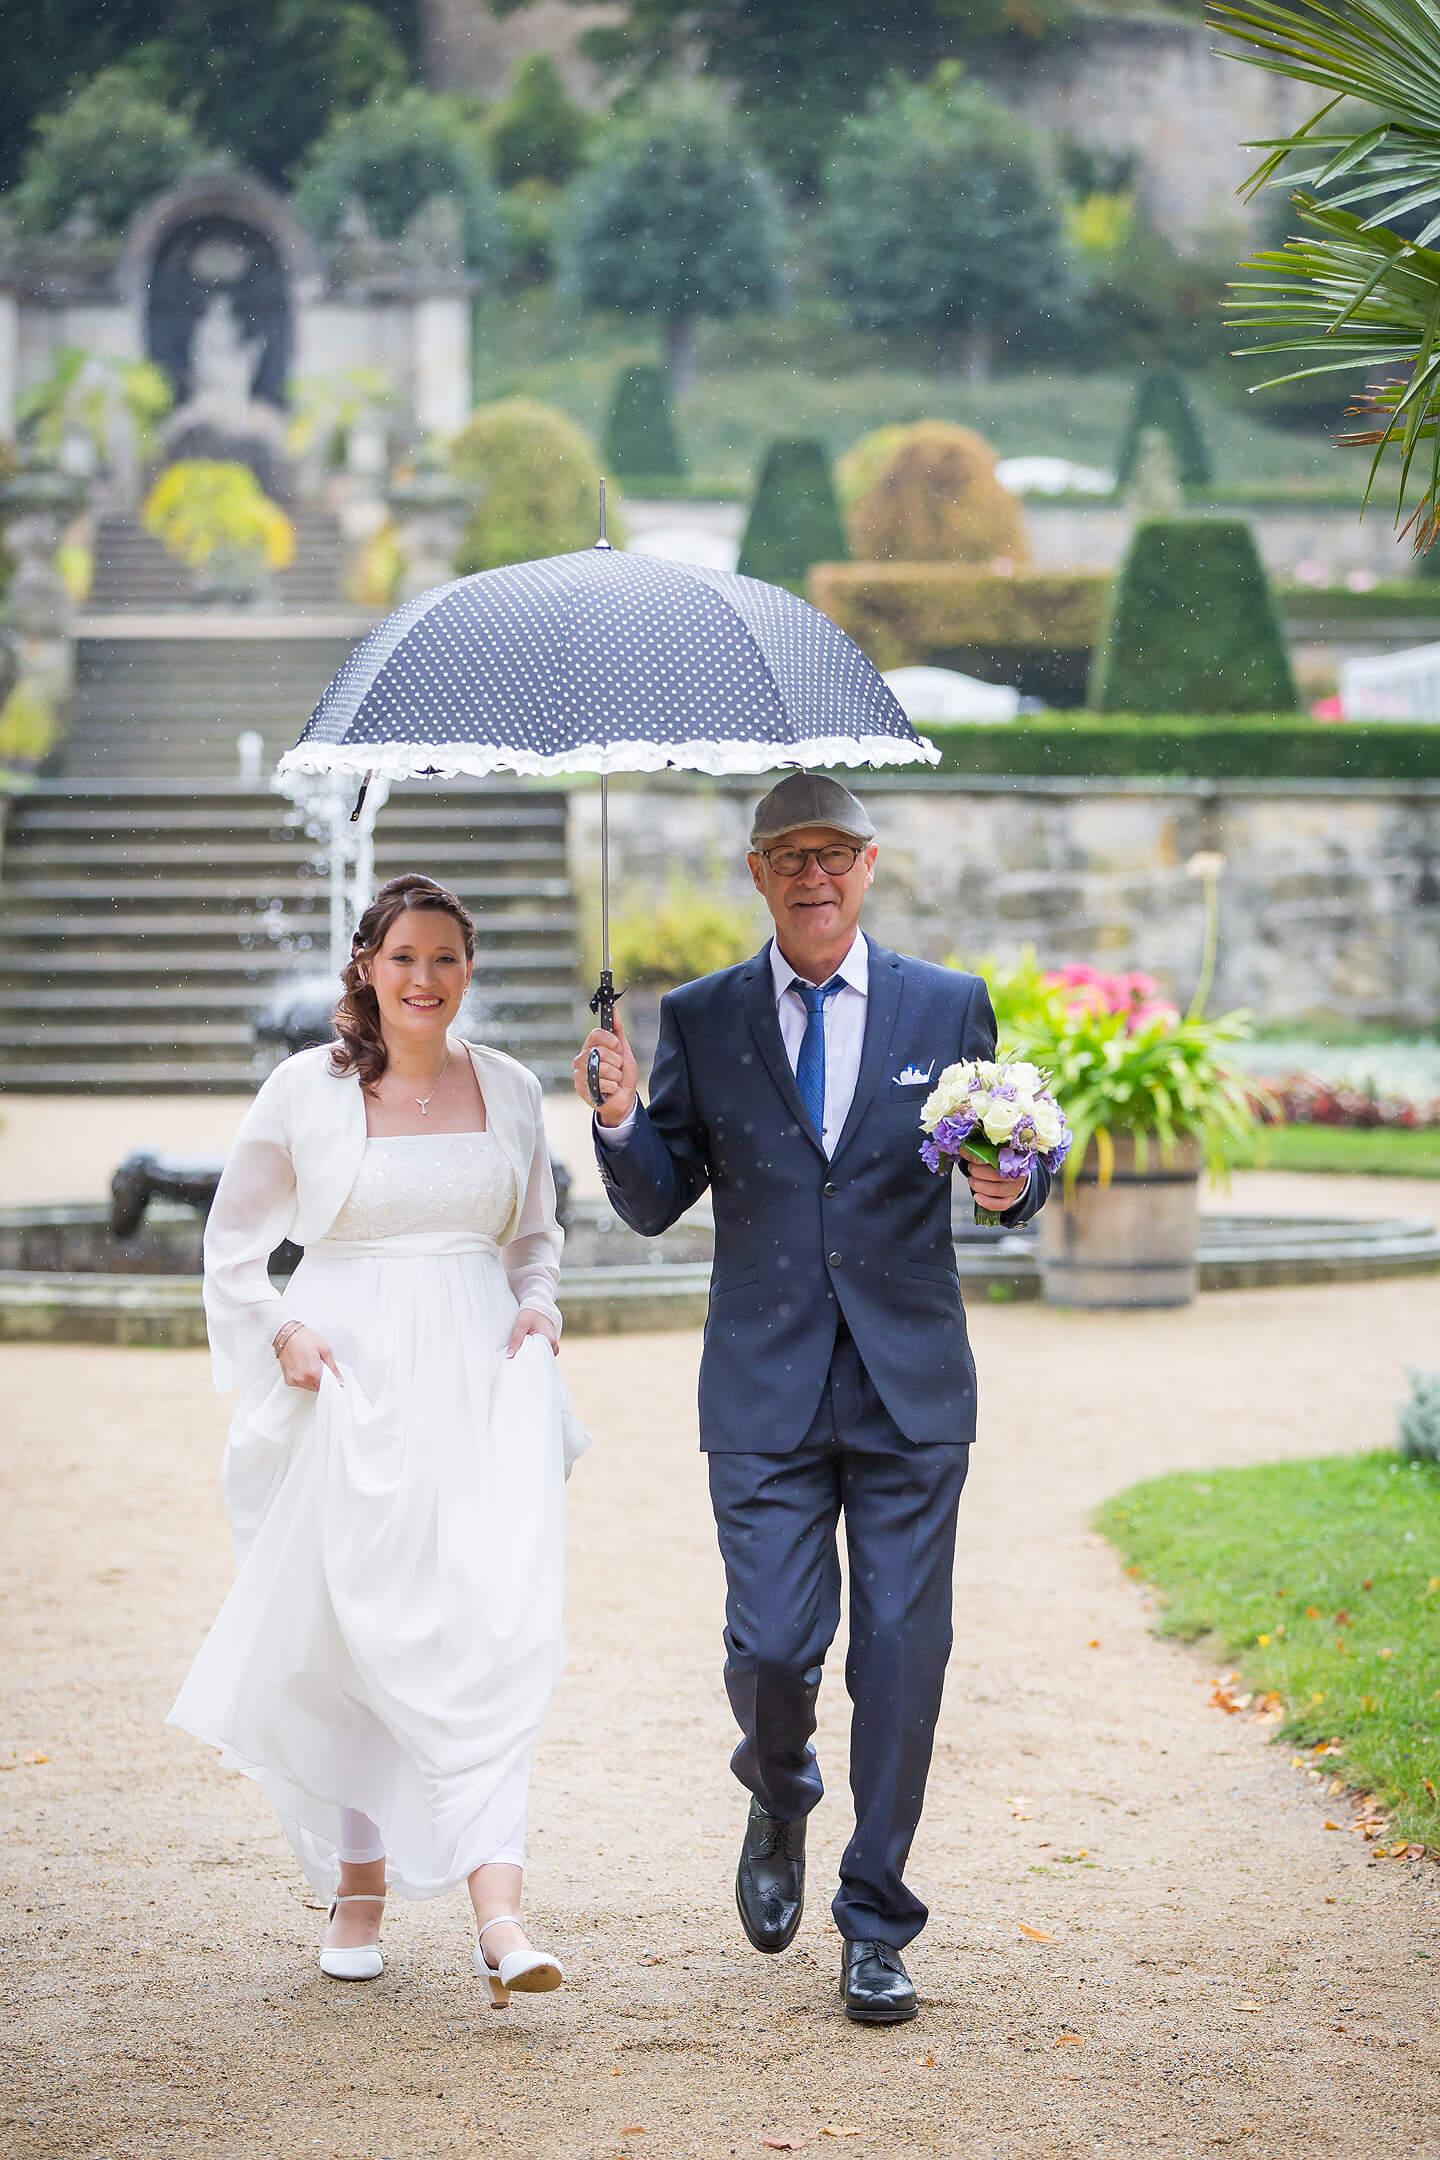 Vater führt die Braut im Schlosspark zur Trauungszeremonie